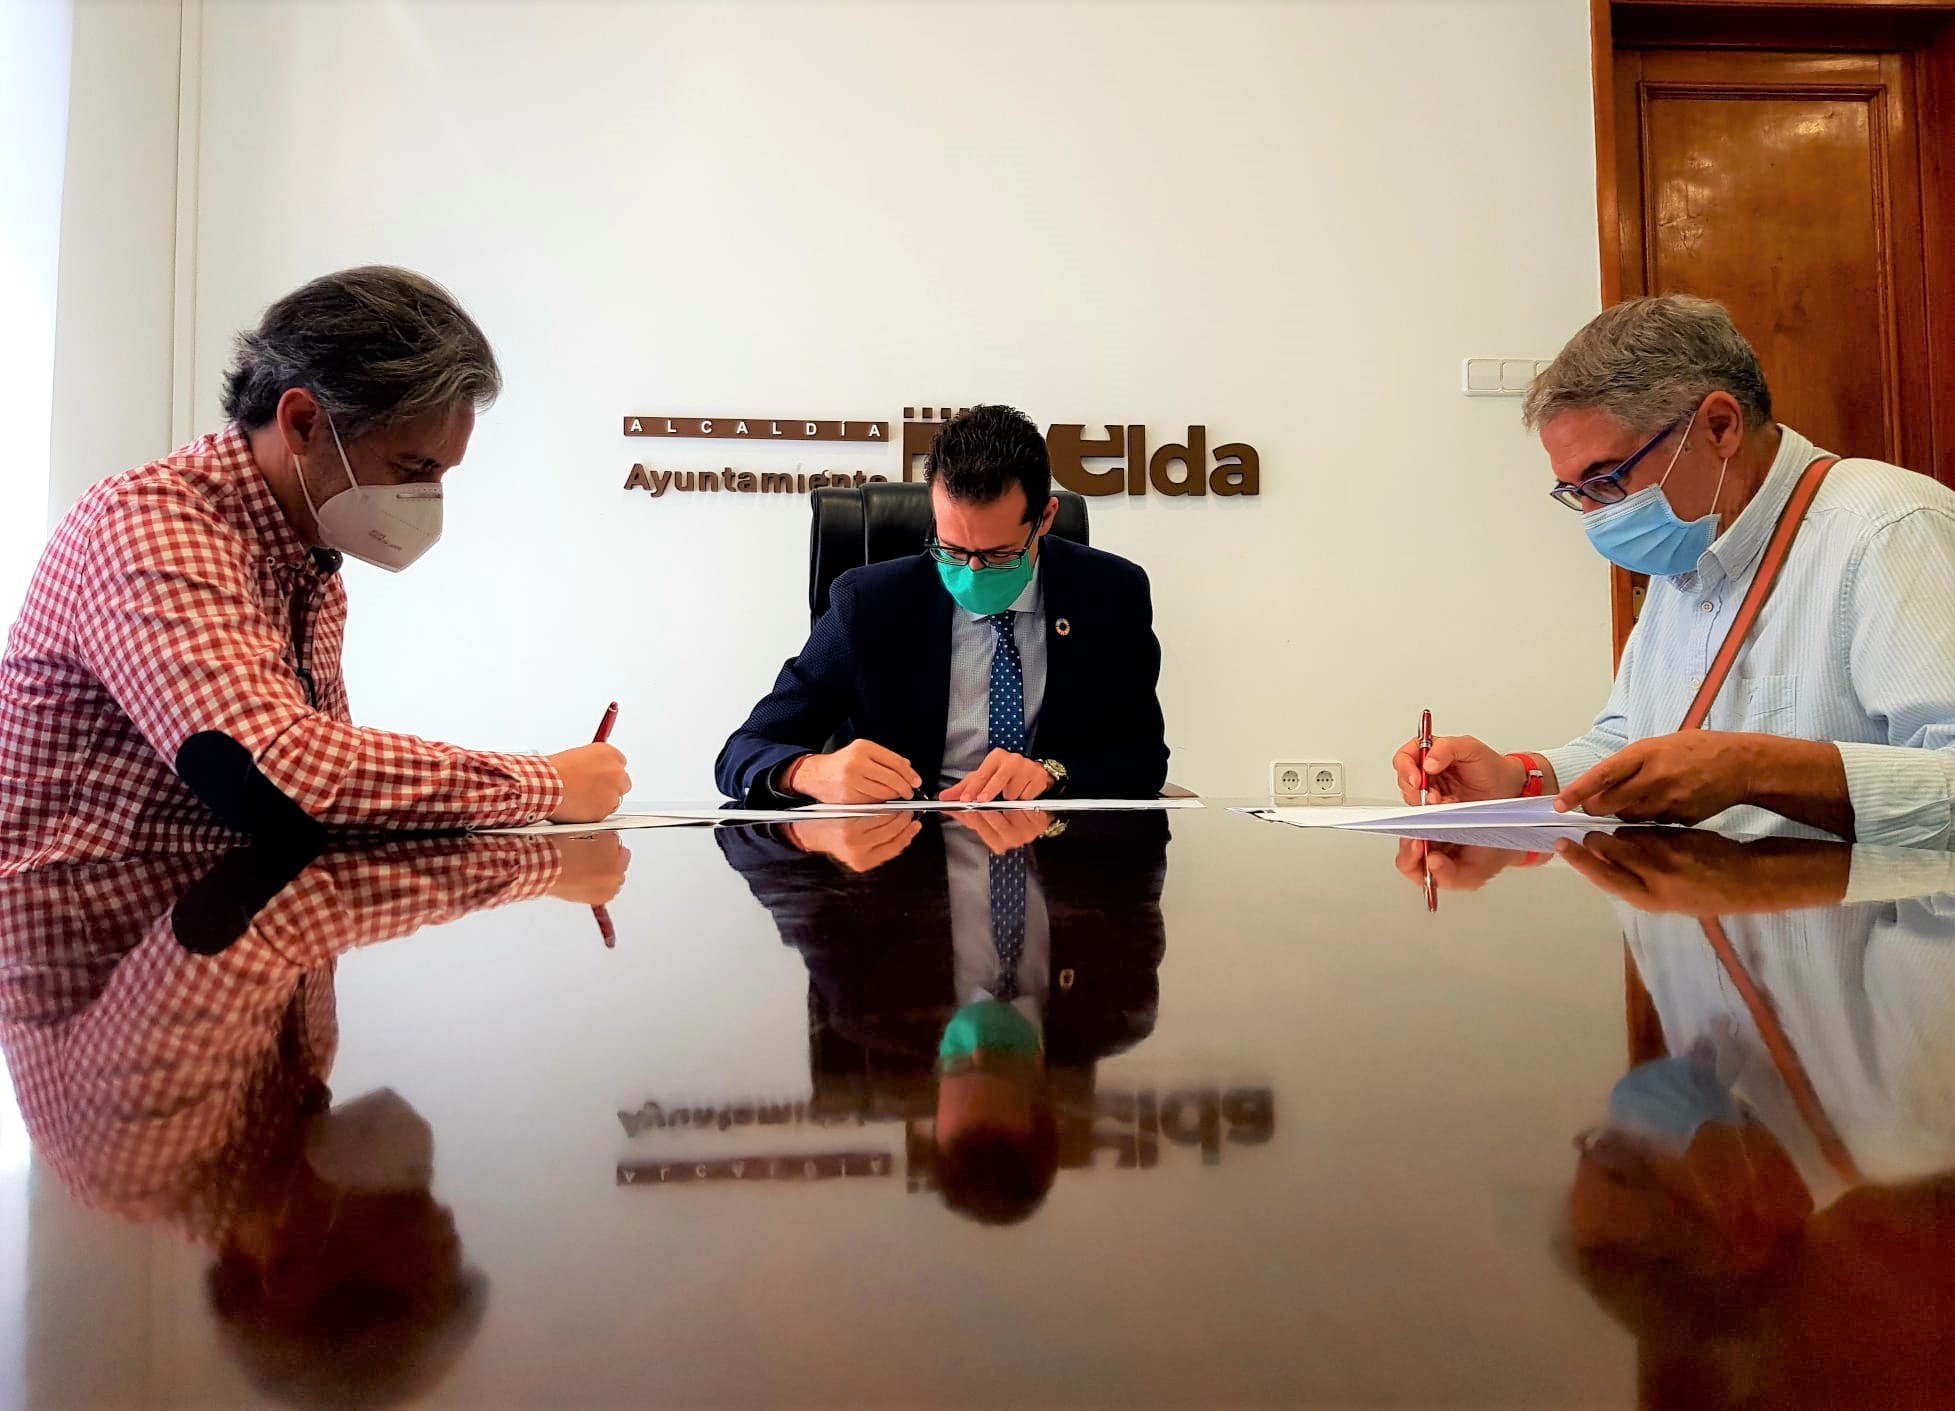 El Ayuntamiento de Elda firma el convenio de colaboración con el CBM Elda Prestigio